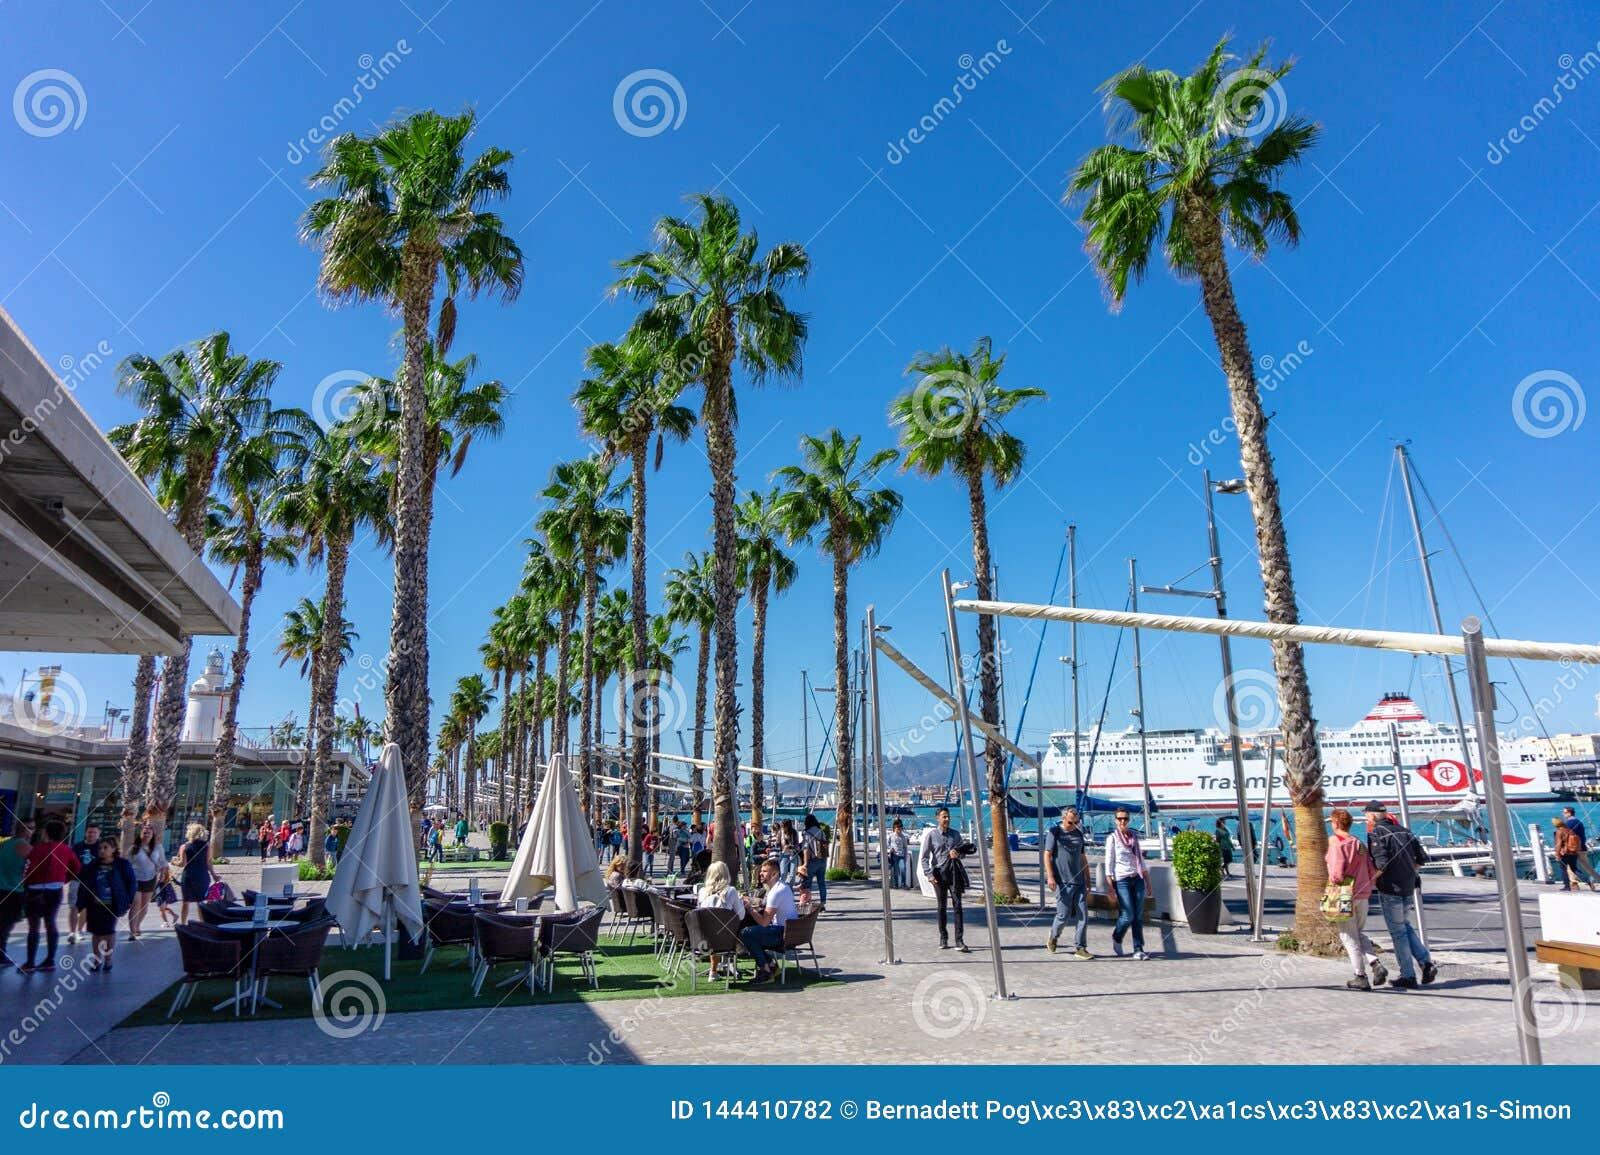 Hiszpania, Malaga - 04 04 2019: Portowy schronienie Malaga z jachtów ludźmi i drzewkami palmowymi